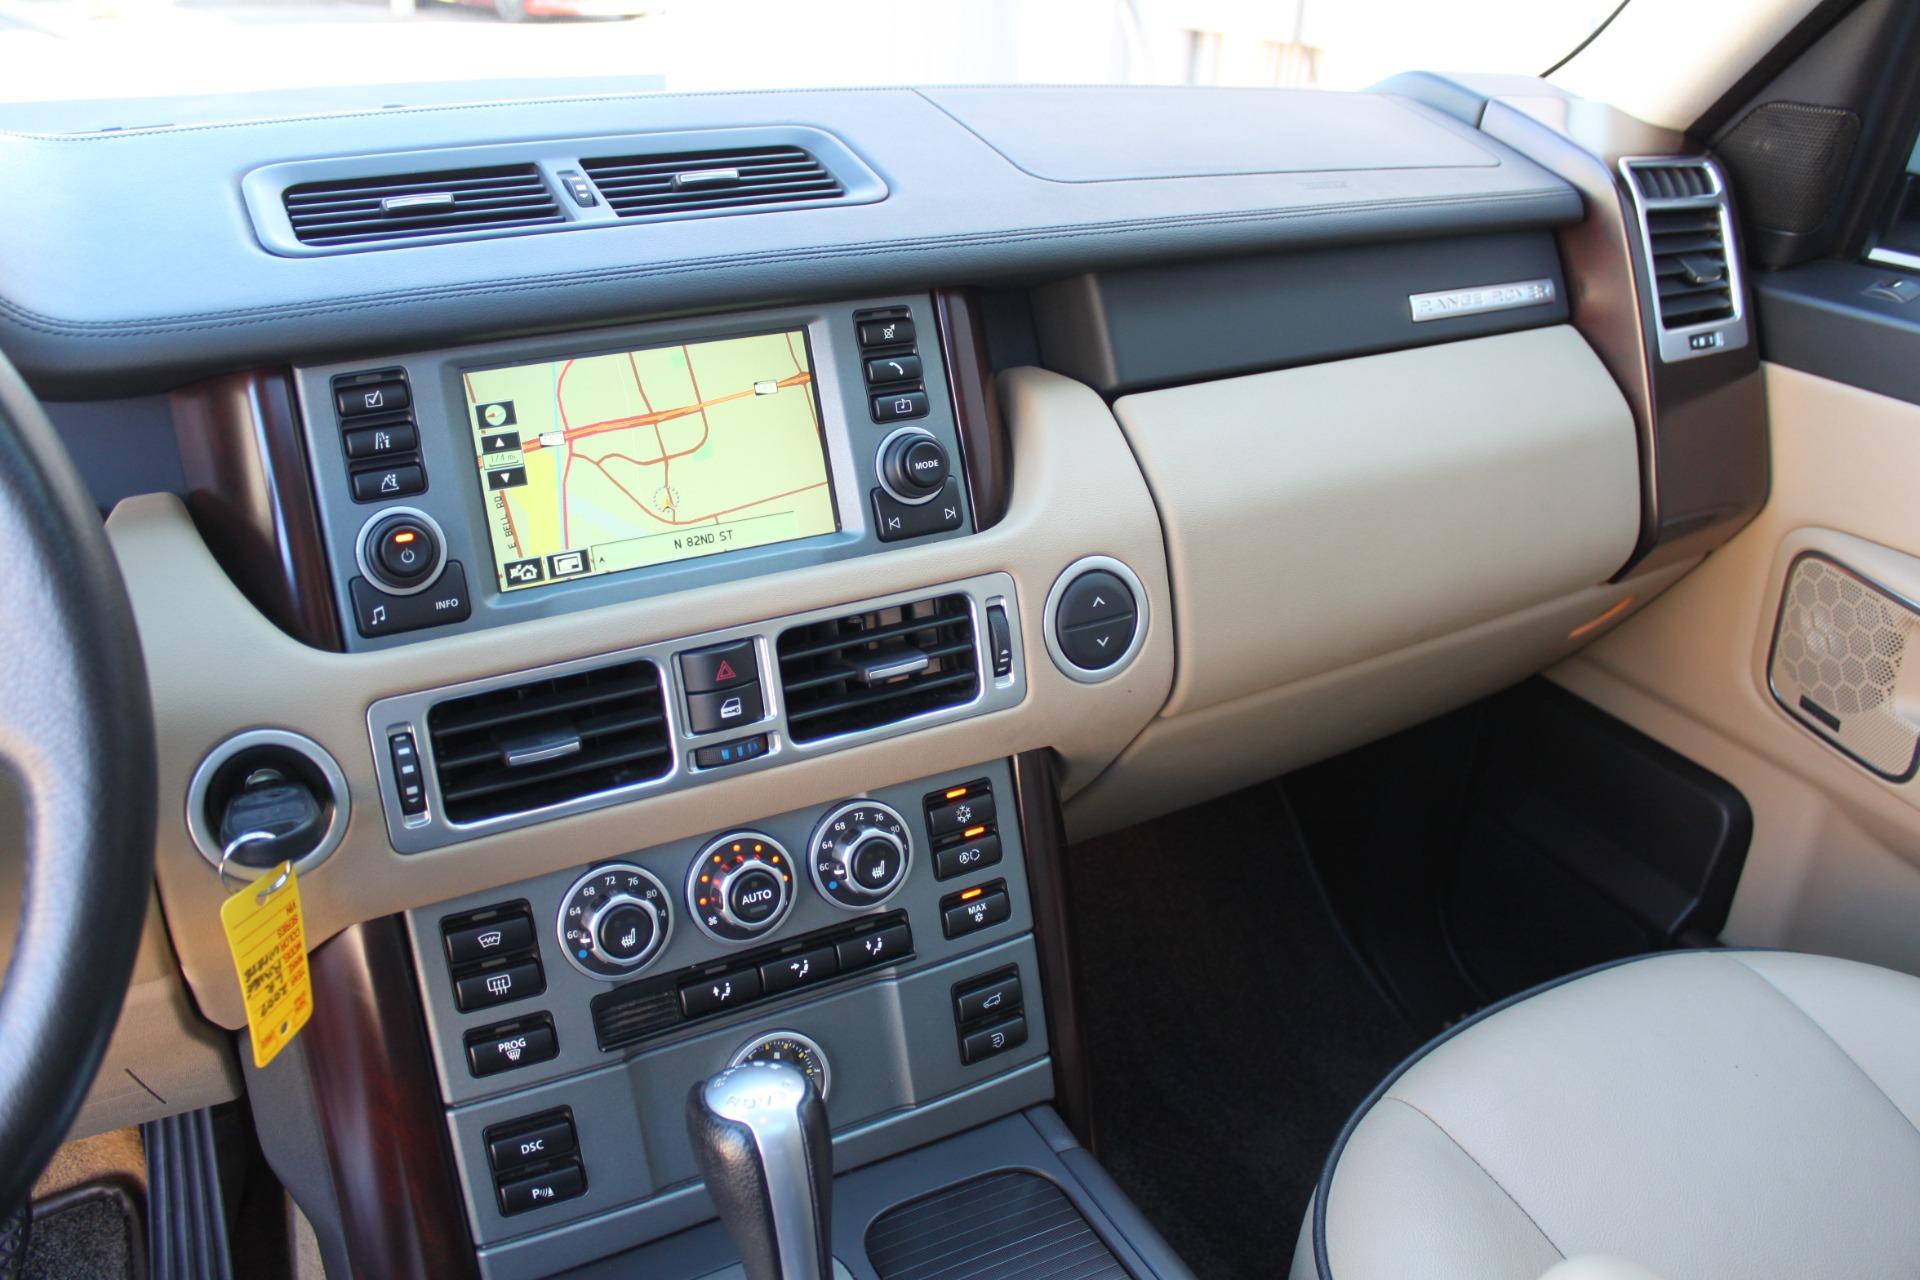 Used-2007-Land-Rover-Range-Rover-HSE-Porsche